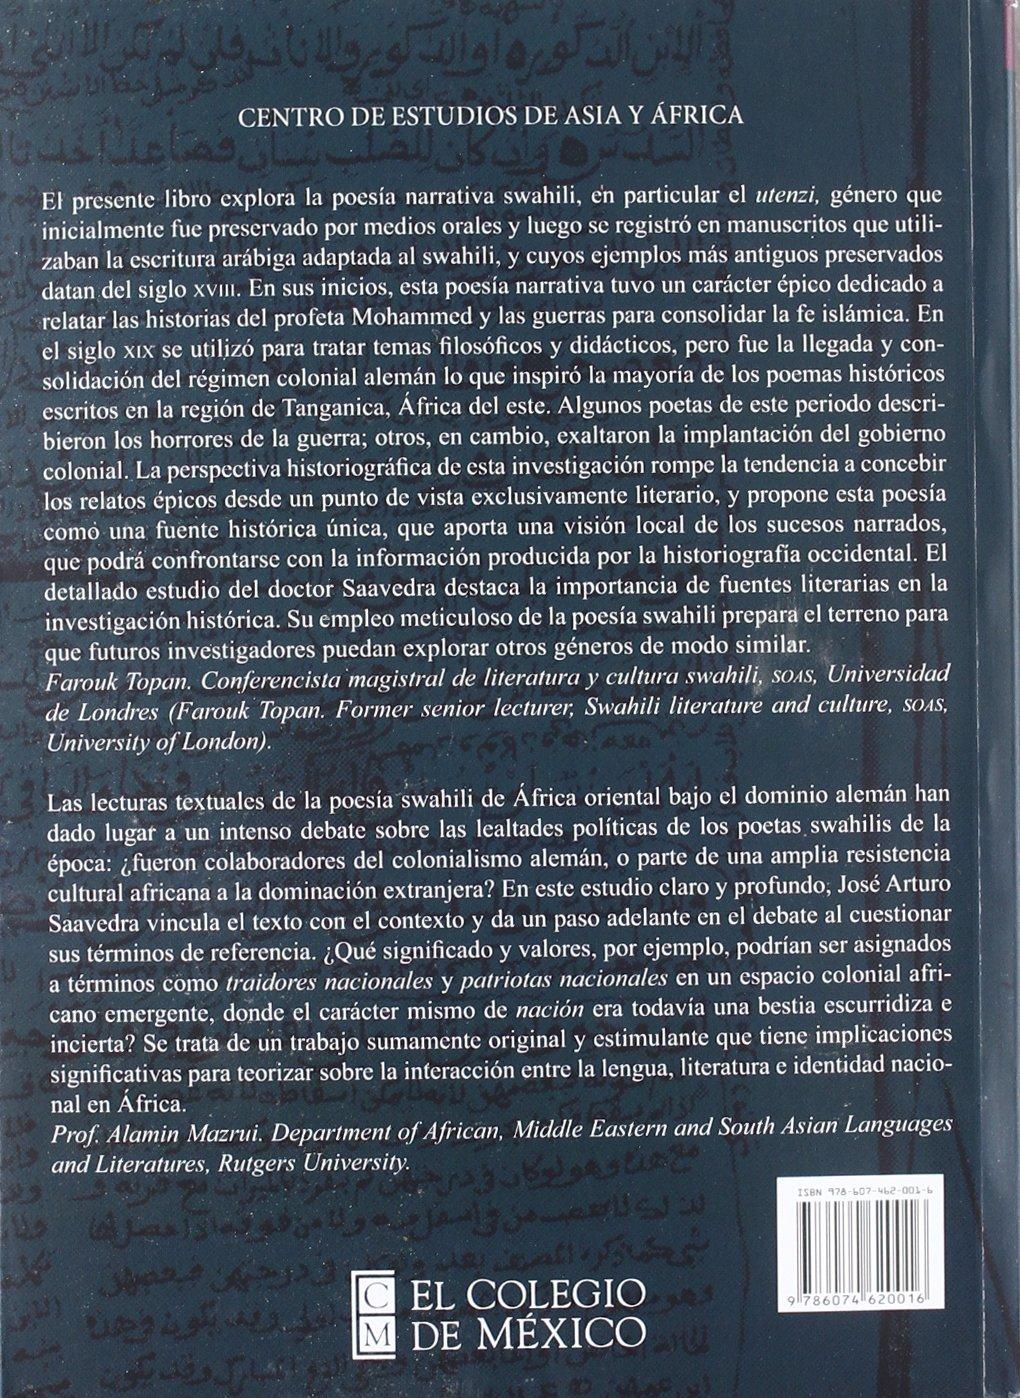 ... poemas de guerra y la conquista alemana de África del este 1888-1910 (Estudios De Asia Y Africa) (Spanish Edition): Saavedra Casco José Arturo: ...